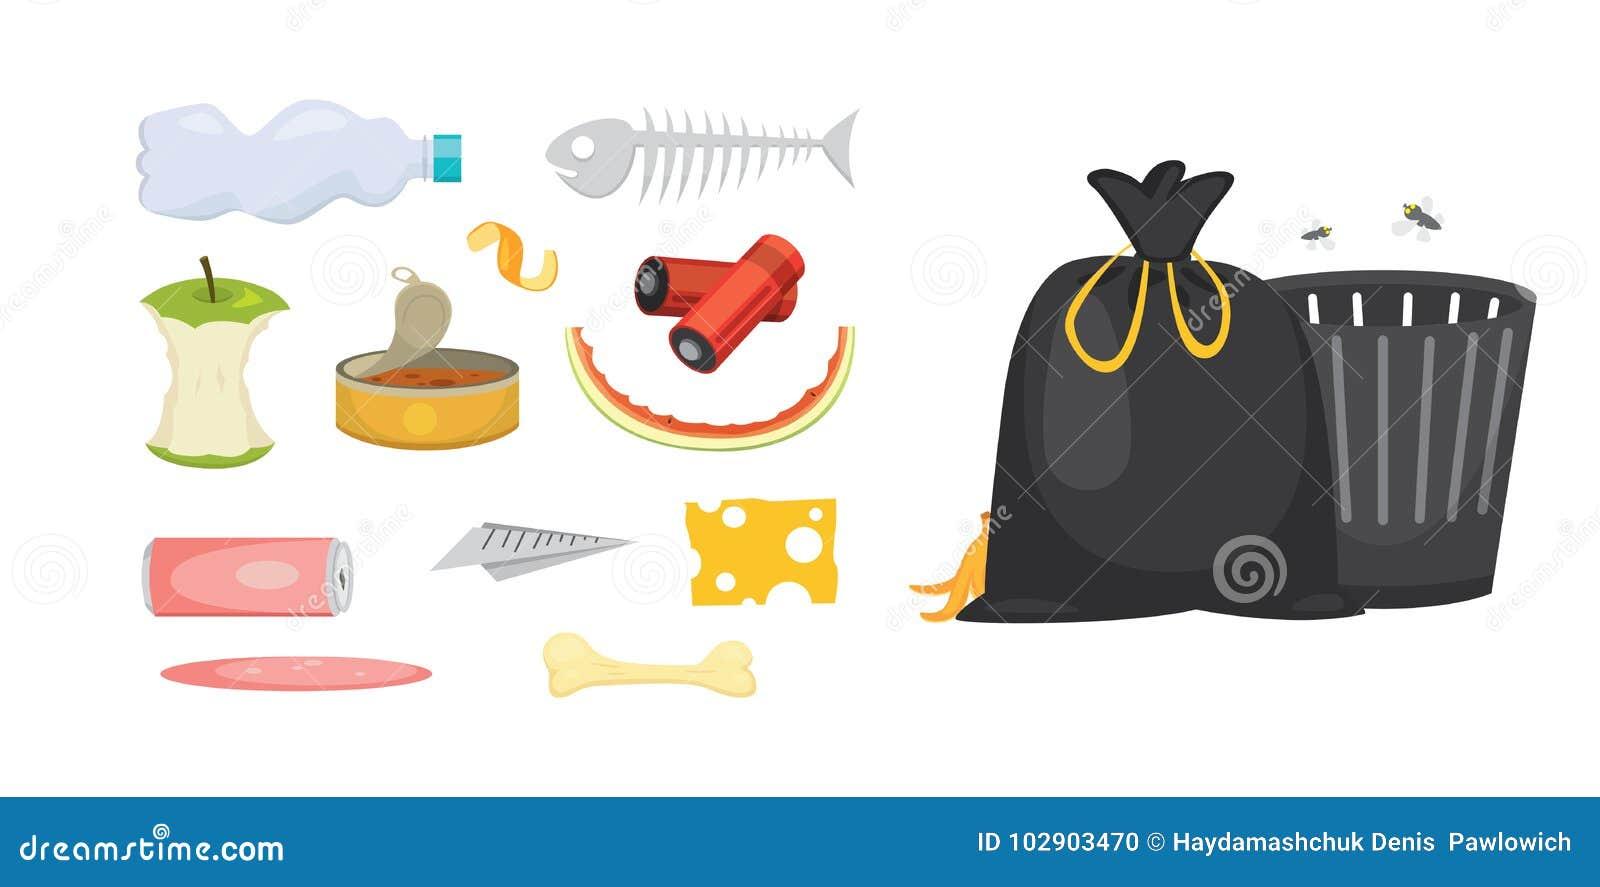 Grata i śmieci ustalone ilustracje w kreskówce projektują